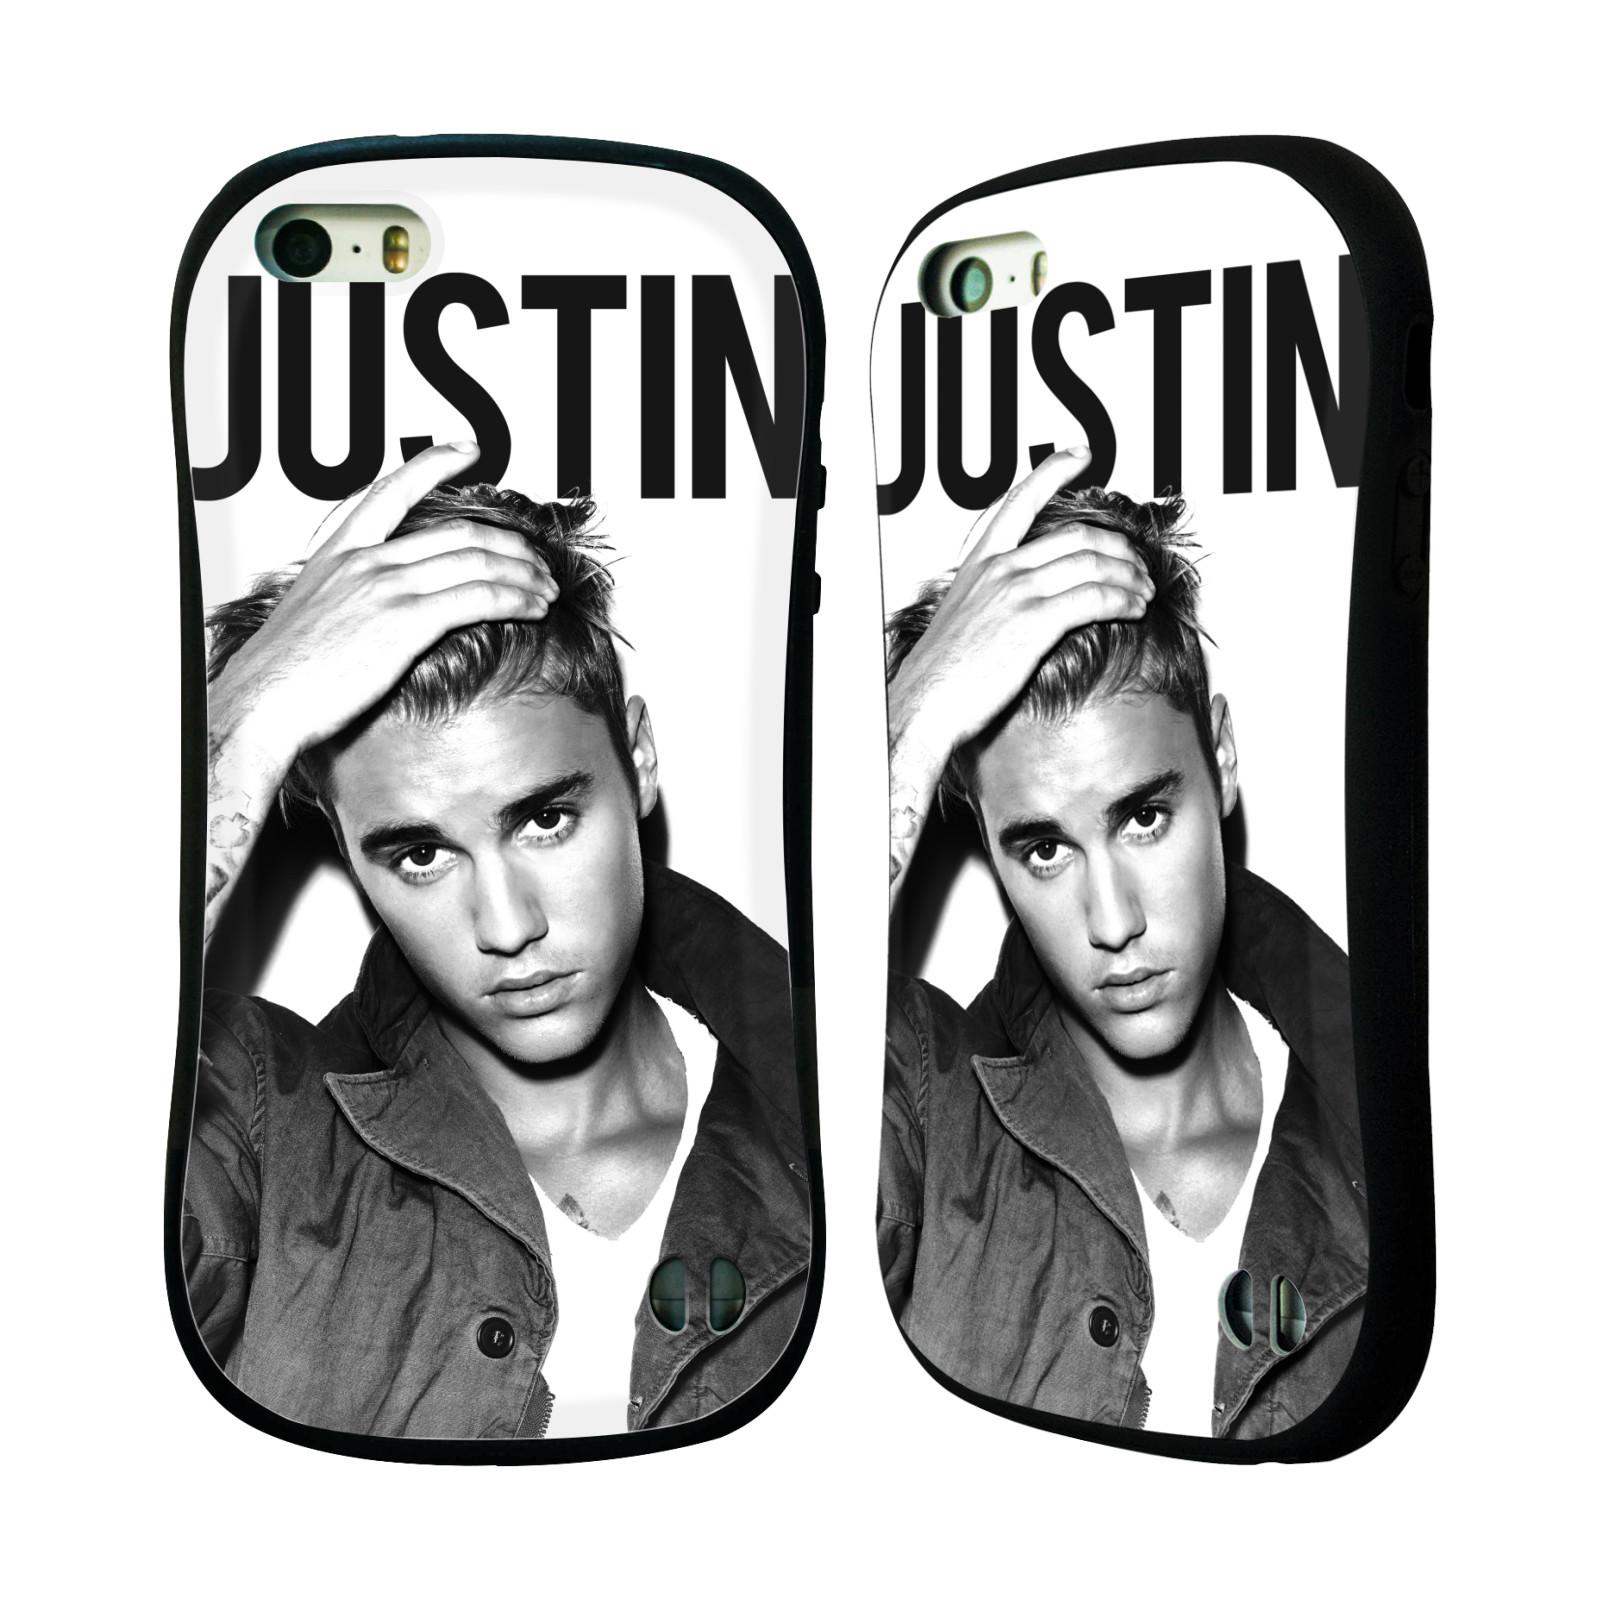 HEAD CASE silikon/plast odolný obal na mobil Apple Iphone 5 / 5S originální potisk Justin Bieber póza černobílá